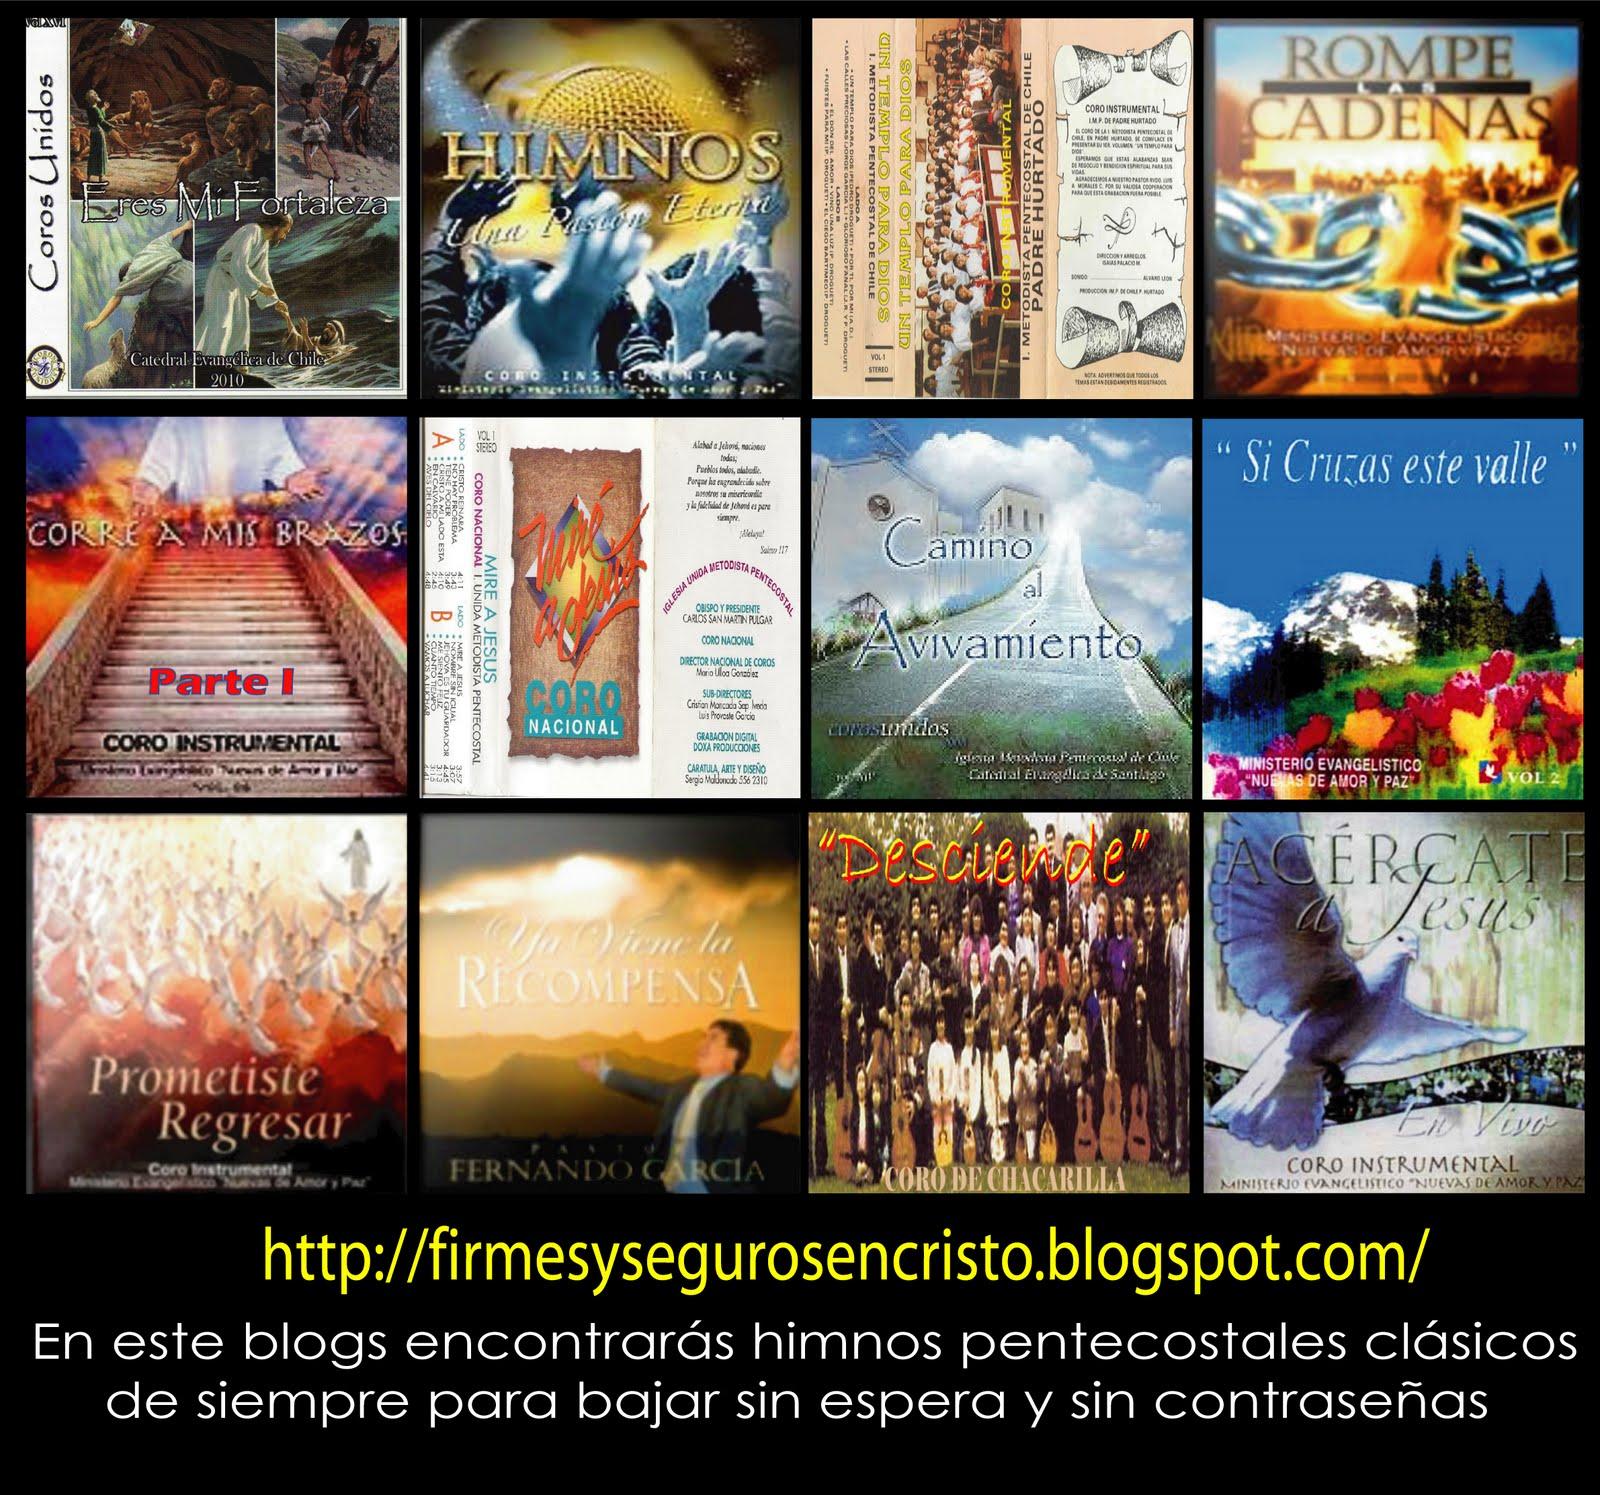 Himnos Pentecostales - Coros Unidos - y otros Coros